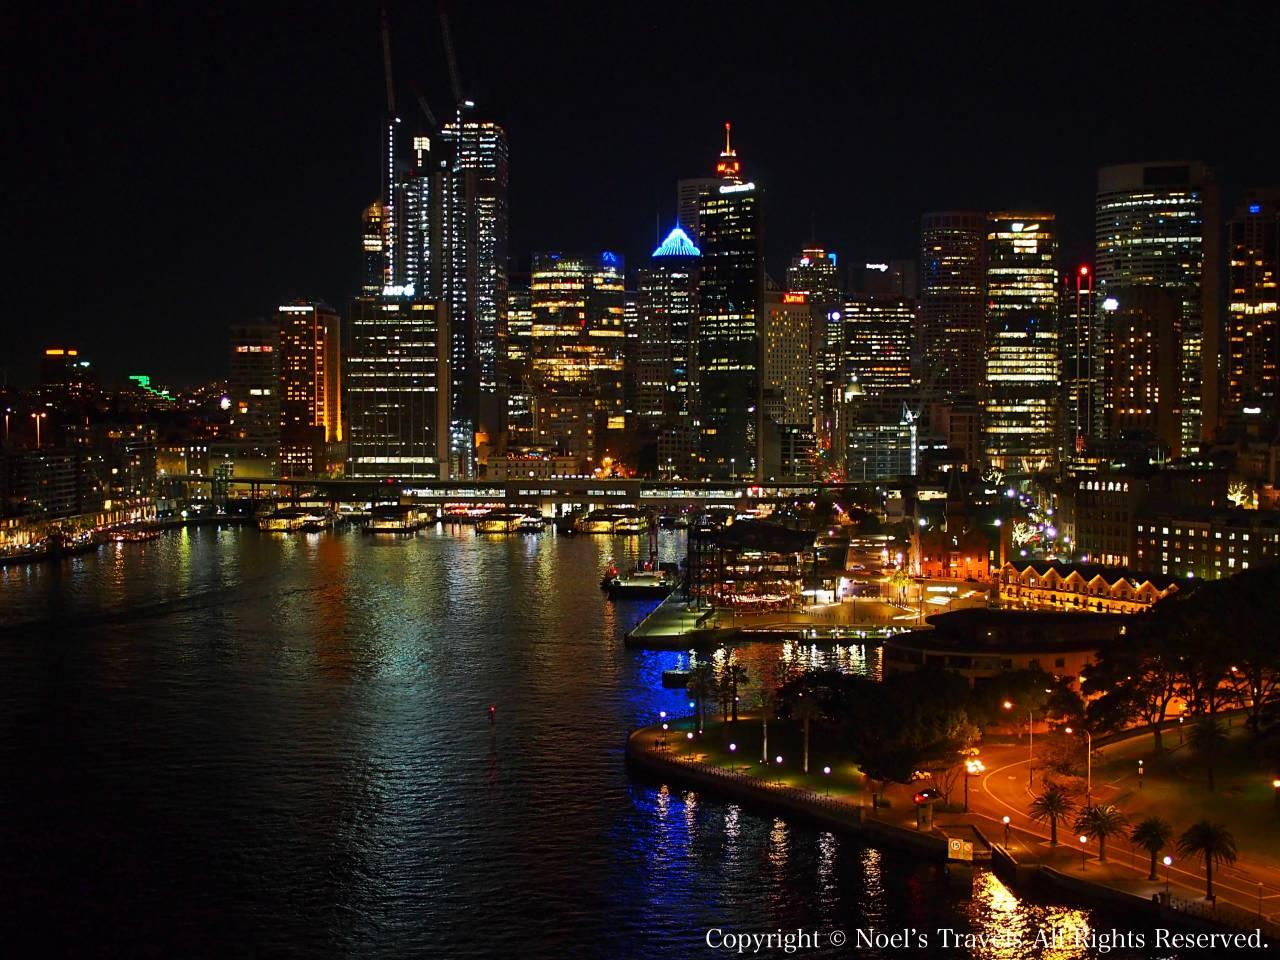 ハーバーブリッジから見たシドニーの夜景